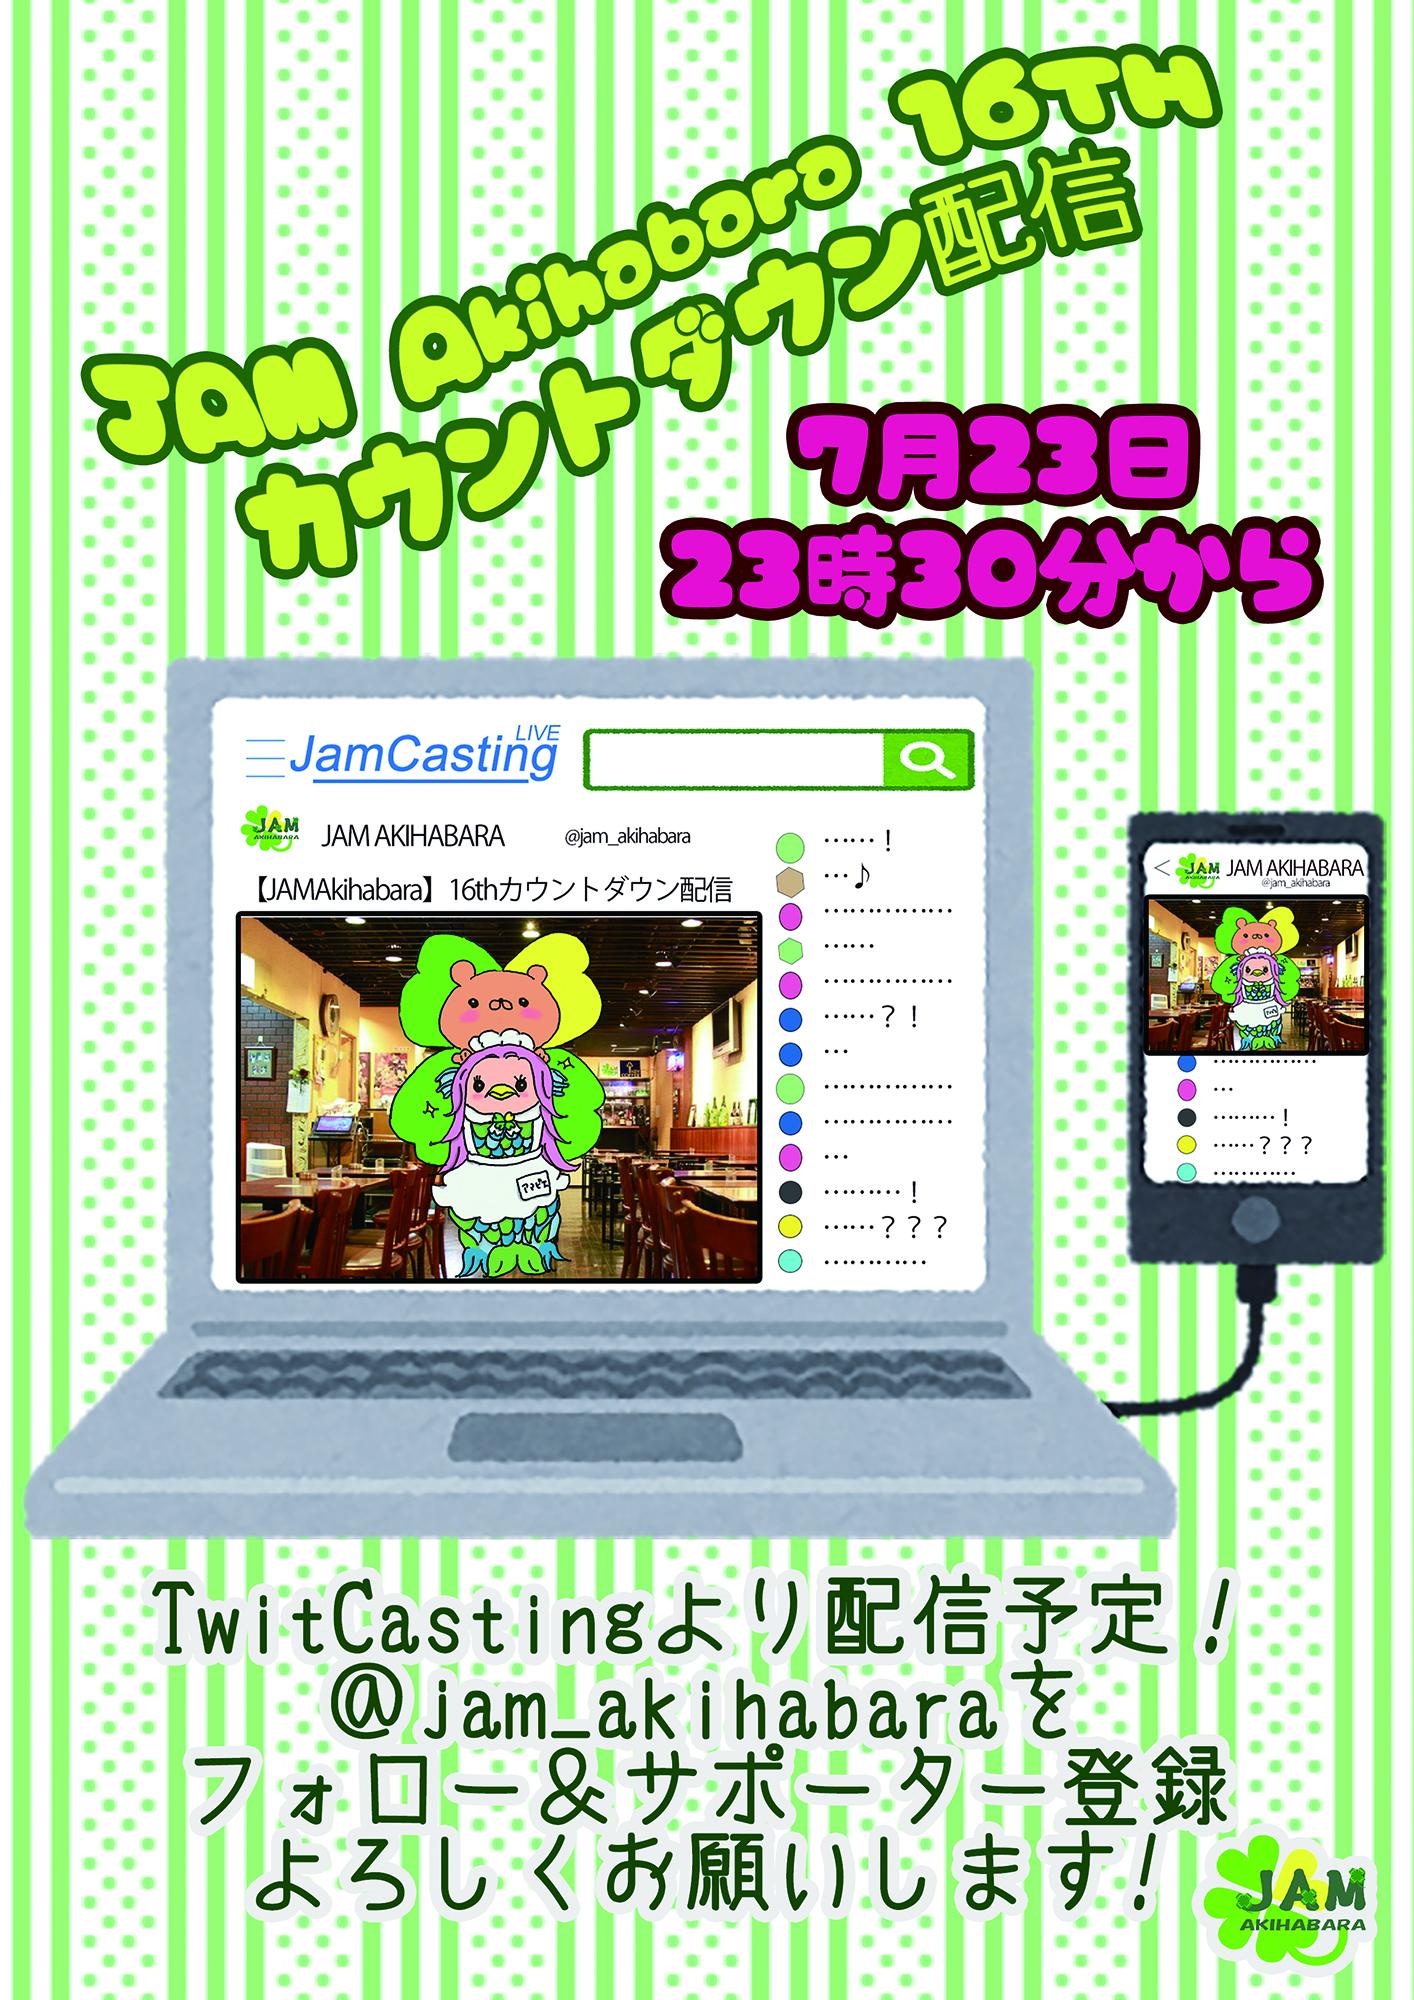 JAM Akihabara 16周年カウントダウン配信